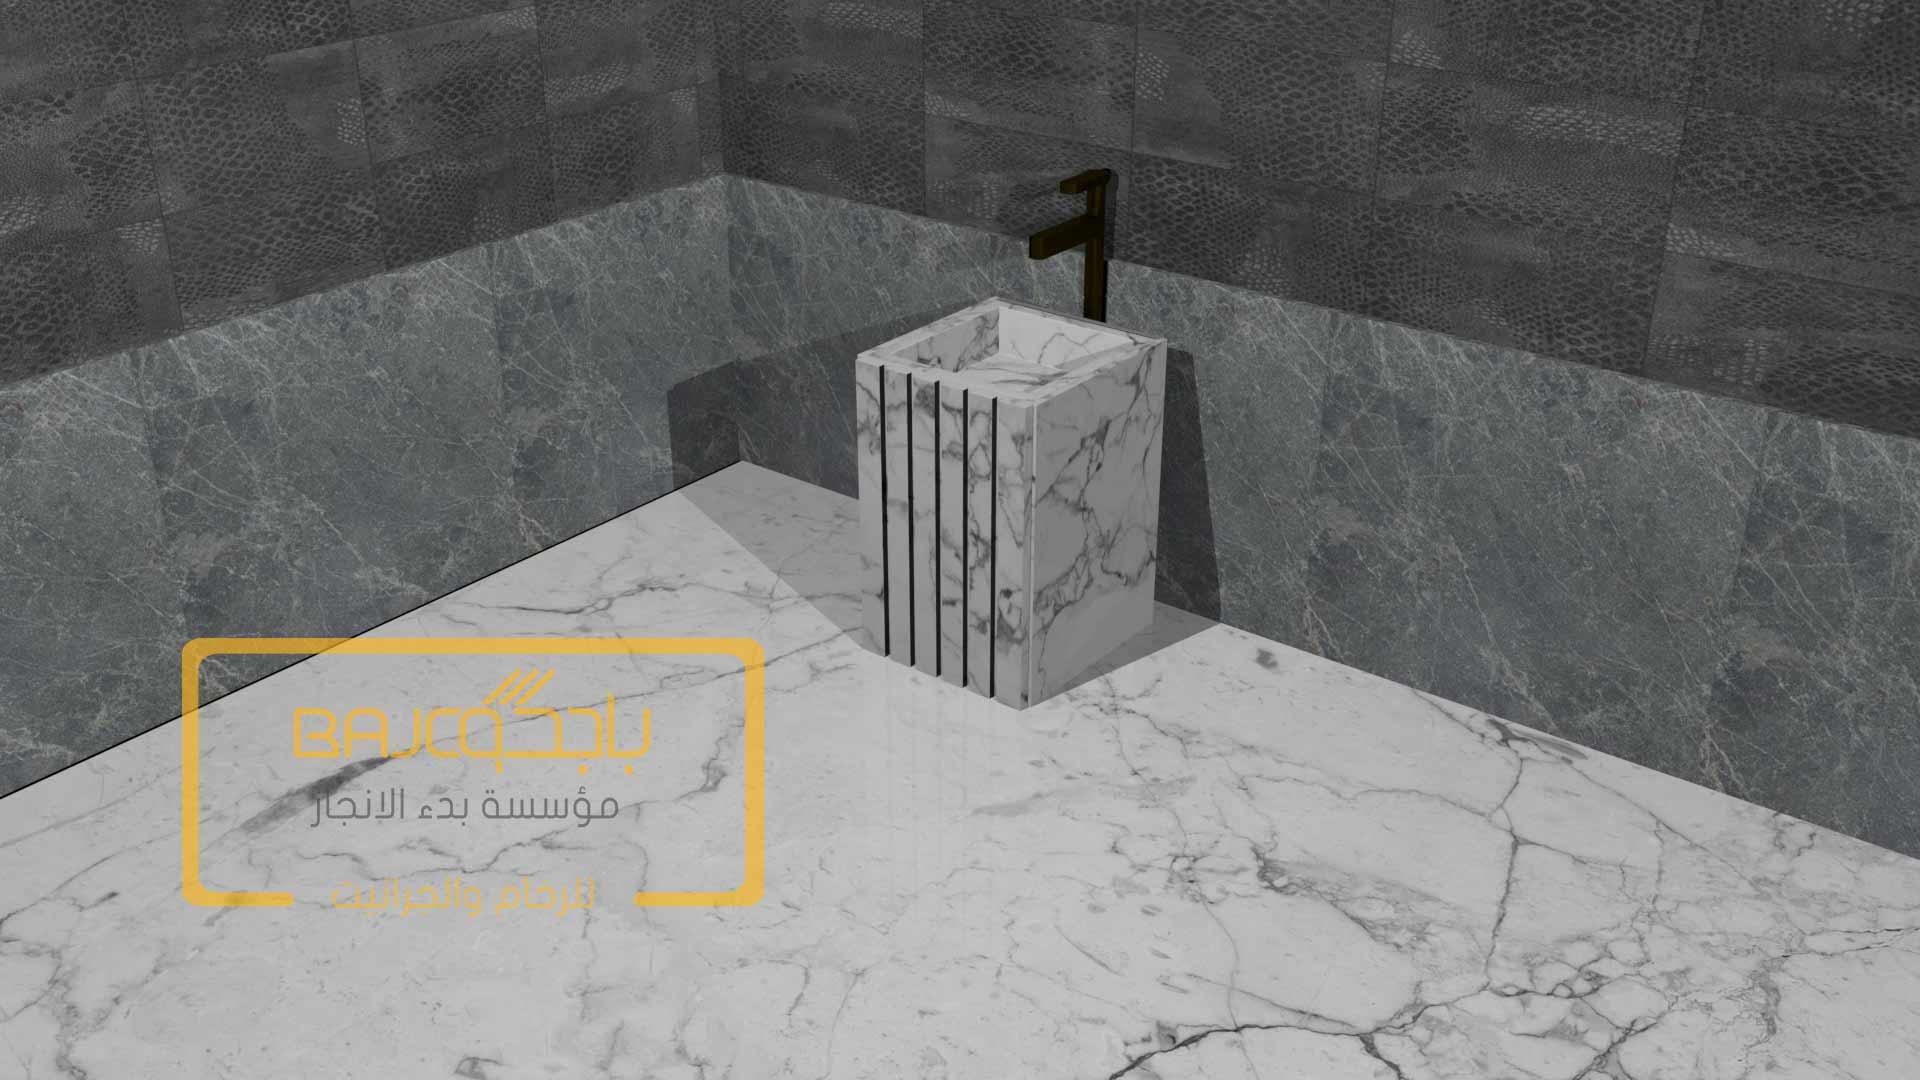 مغسلة رخام من تصميم مؤسسة بدء الانجاز للمقاولات